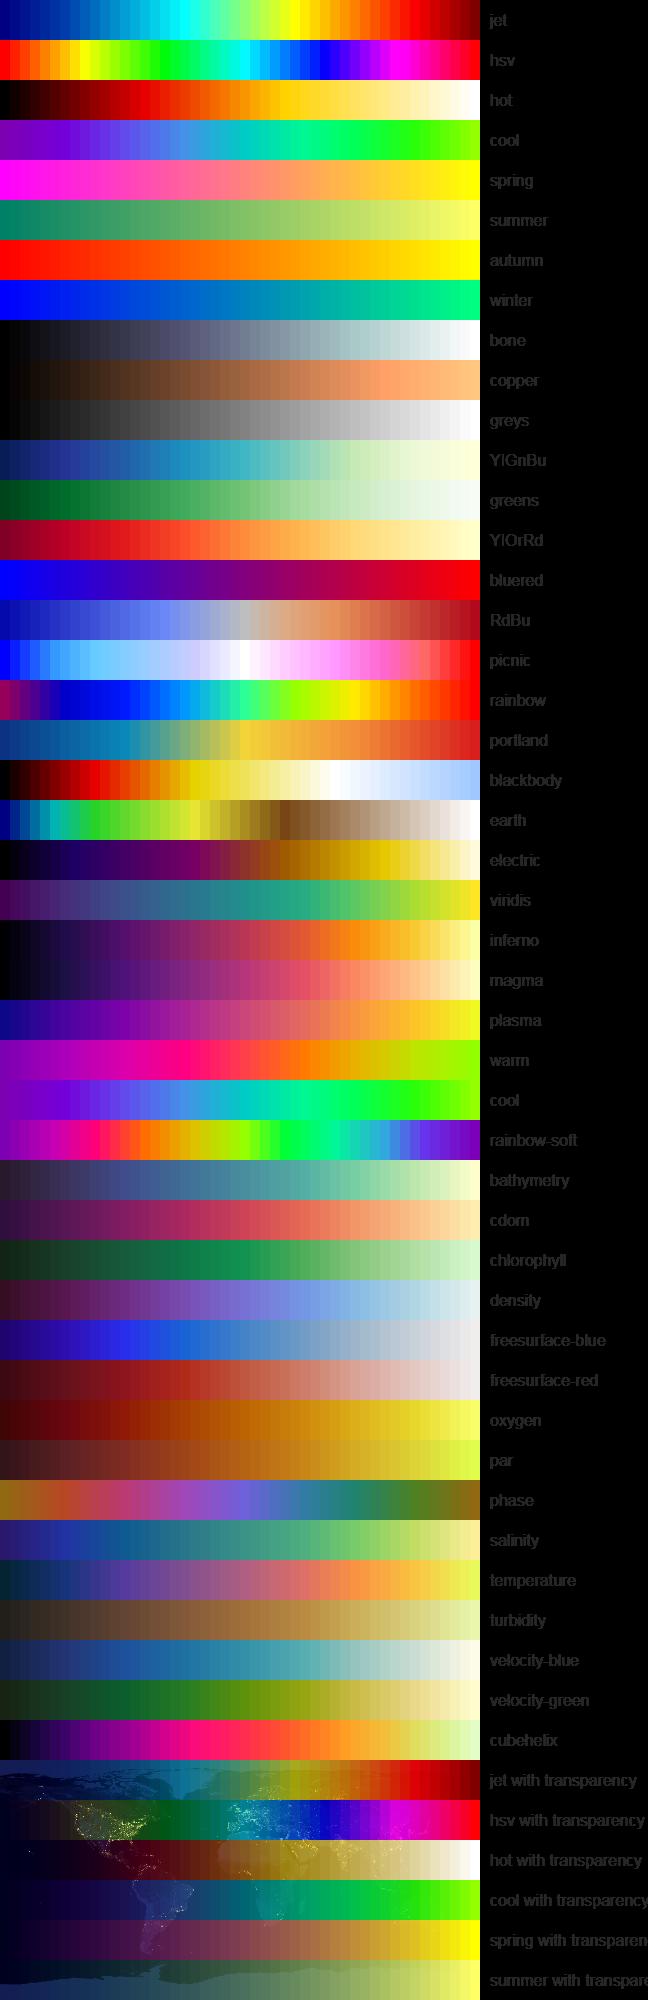 Matplotlib Colormap Range - Idee per la decorazione di interni